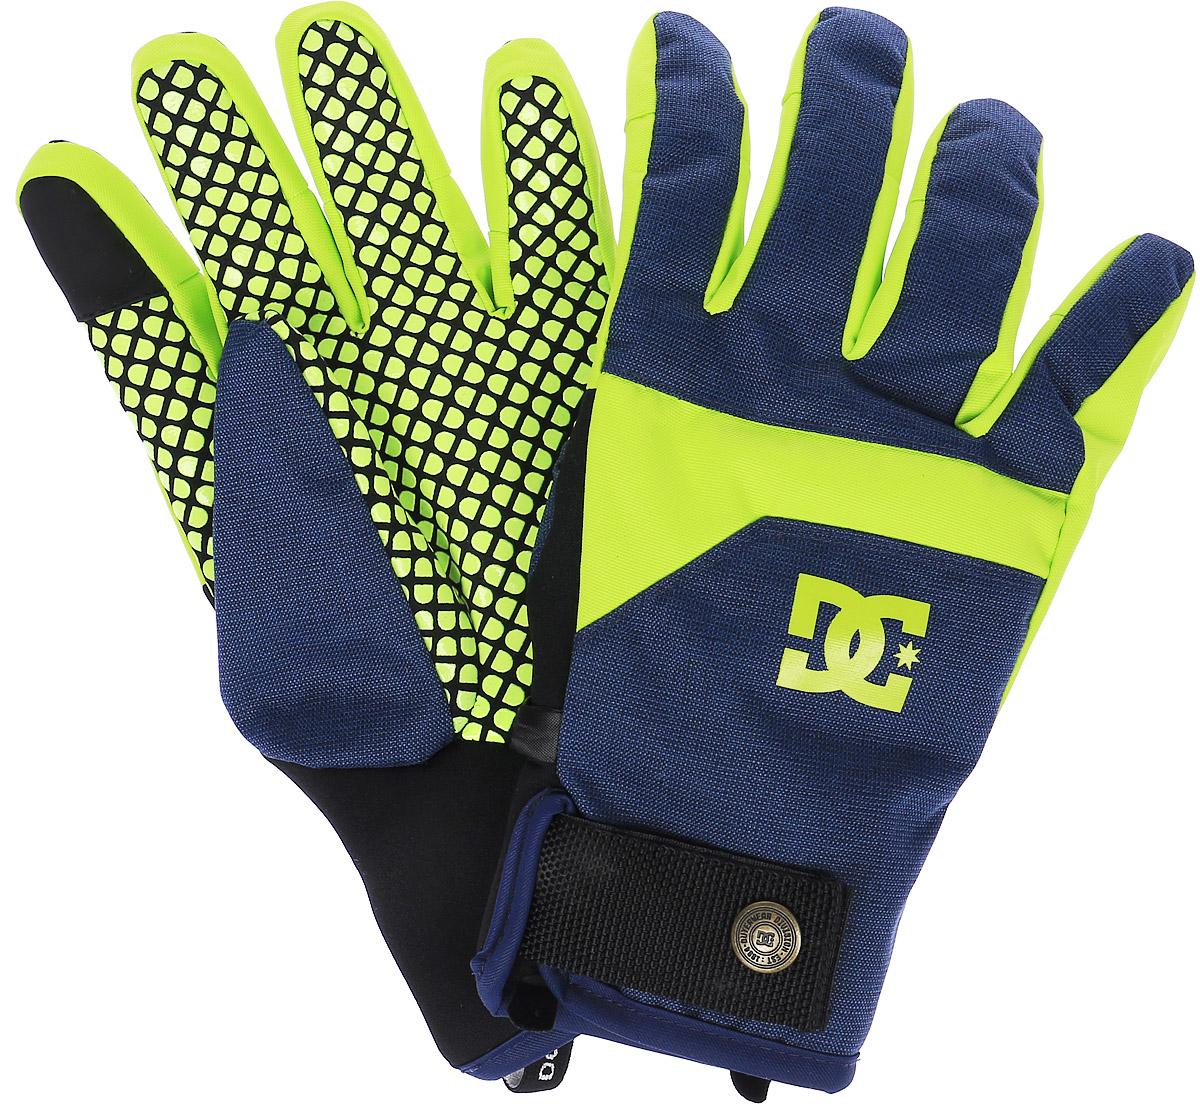 ПерчаткиEDYHN03015-GHA0Стильные мужские перчатки DC Shoes Antuco Glove выполнены из высококачественного комбинированного материала, который не пропускает воду. Модель оформлена декоративной прострочкой и принтом с изображением логотипа бренда. Перчатки дополнены эластичными резинками и хлястиками с липучками, которые надежно зафиксируют модель на запястье, не сдавливая его. Внутренняя поверхность выполнена из мягкого утепленного полиэстера. Также перчатки оснащены застежкой-фастексом и специальной нашивкой на указательном пальце для сенсорных экранов.